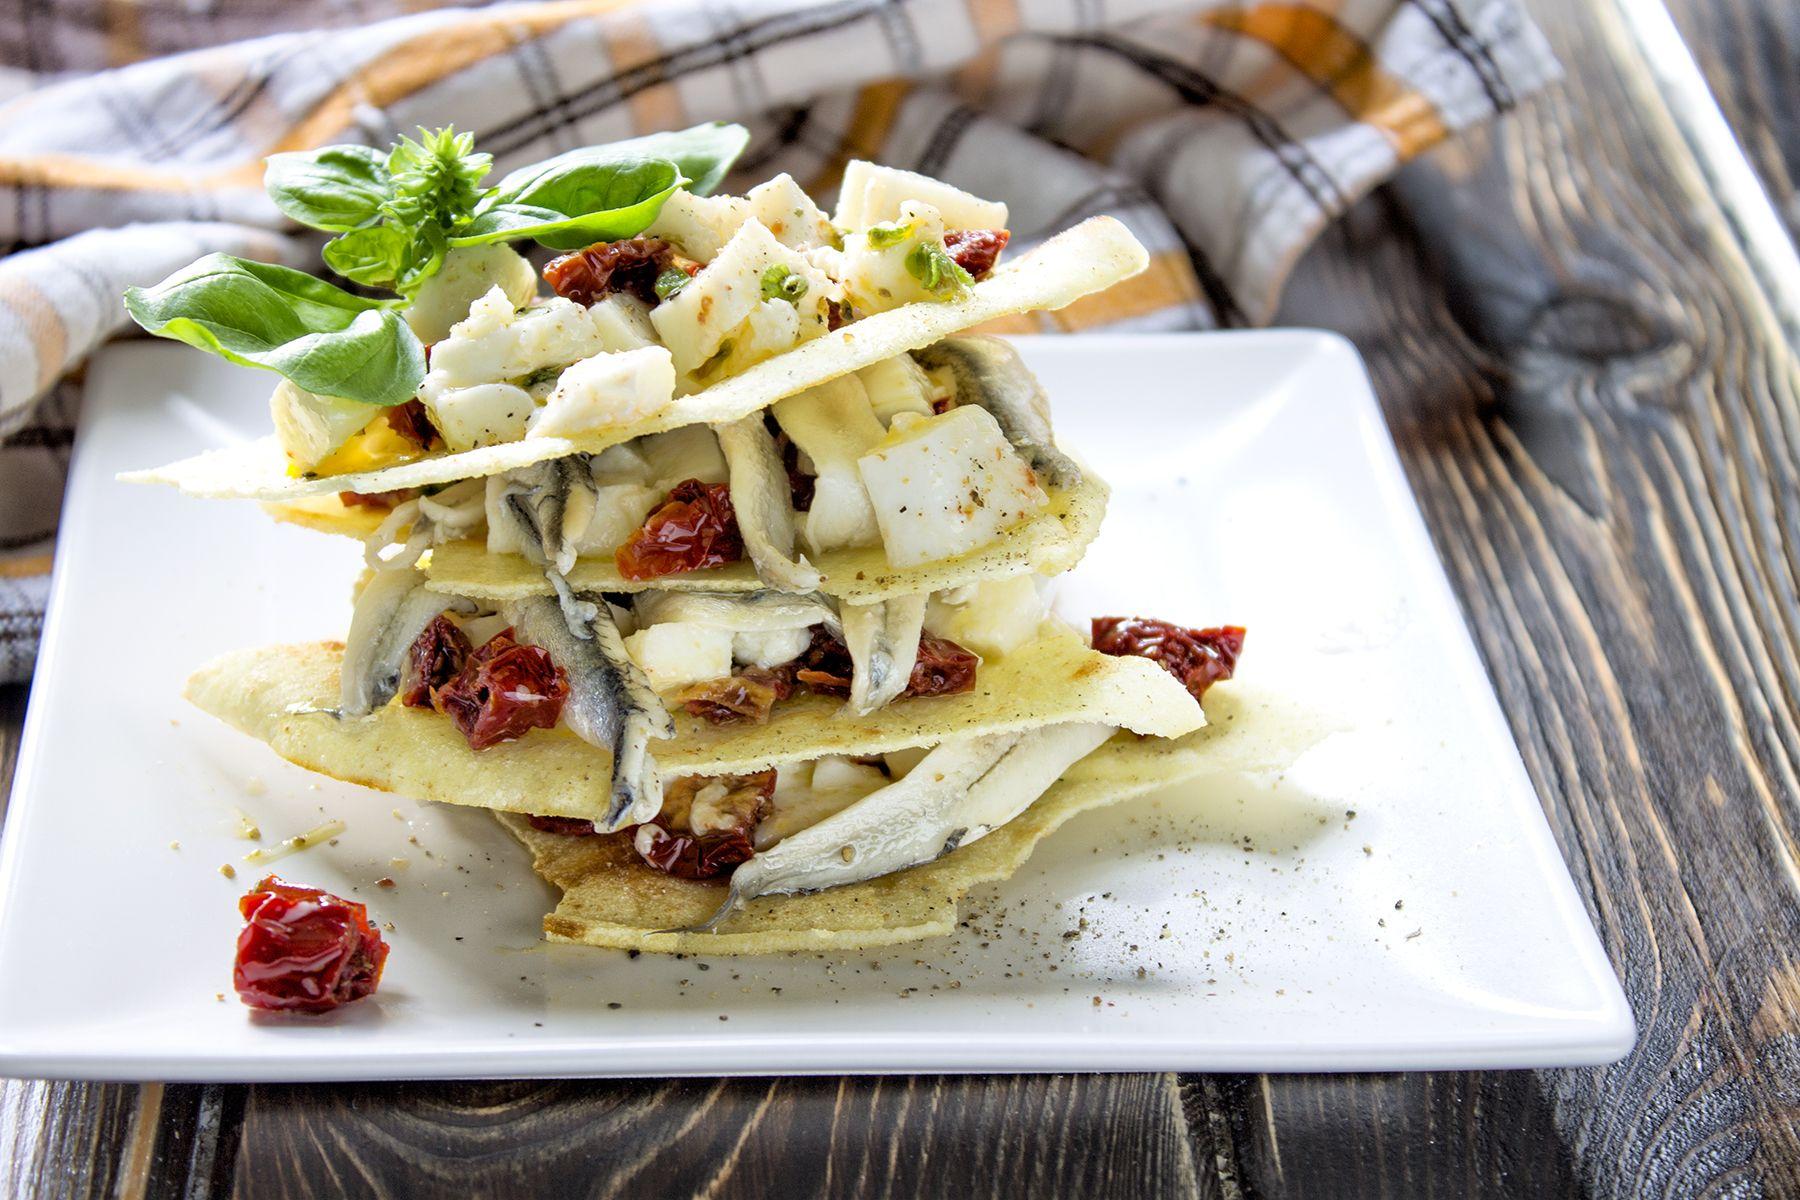 mille-sfoglie-di-pane-carasau-con-alici-marinate-contemporaneo-food